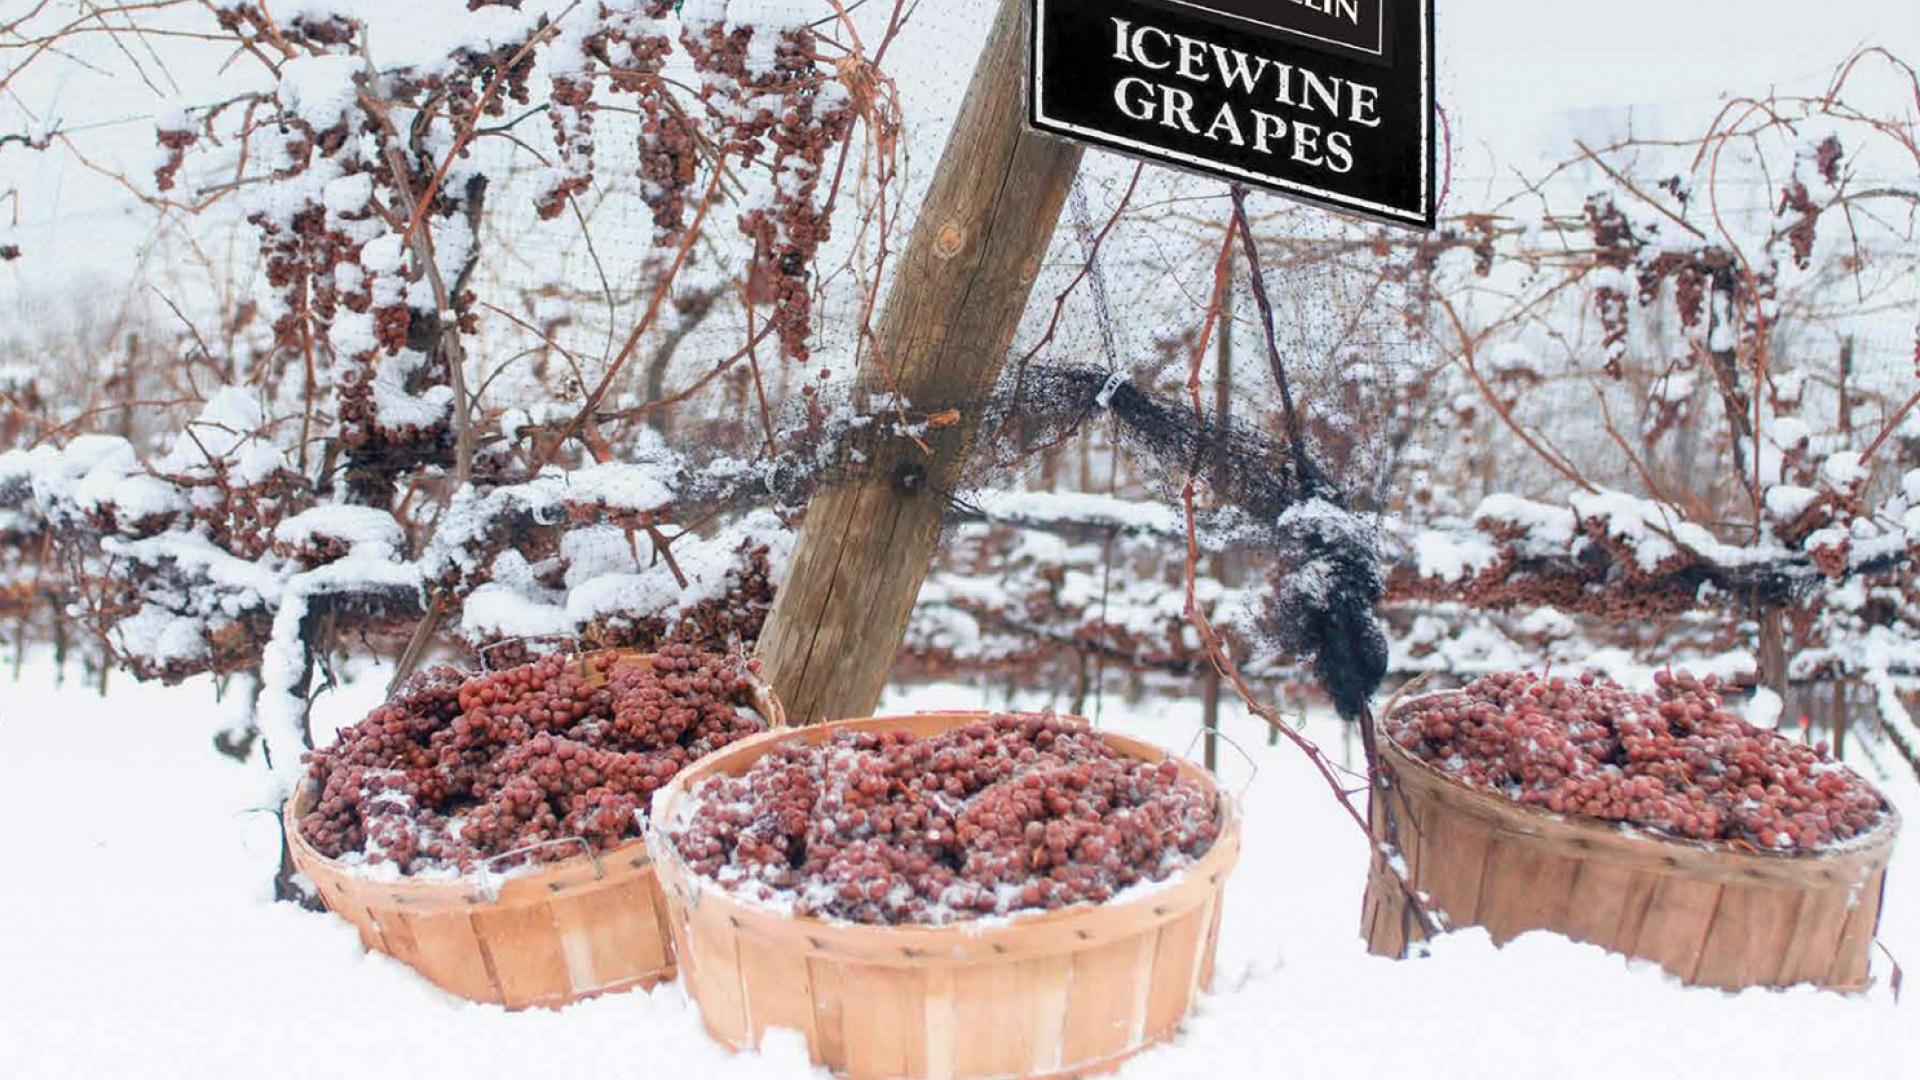 安大略,冰雪天地里的美酒之乡